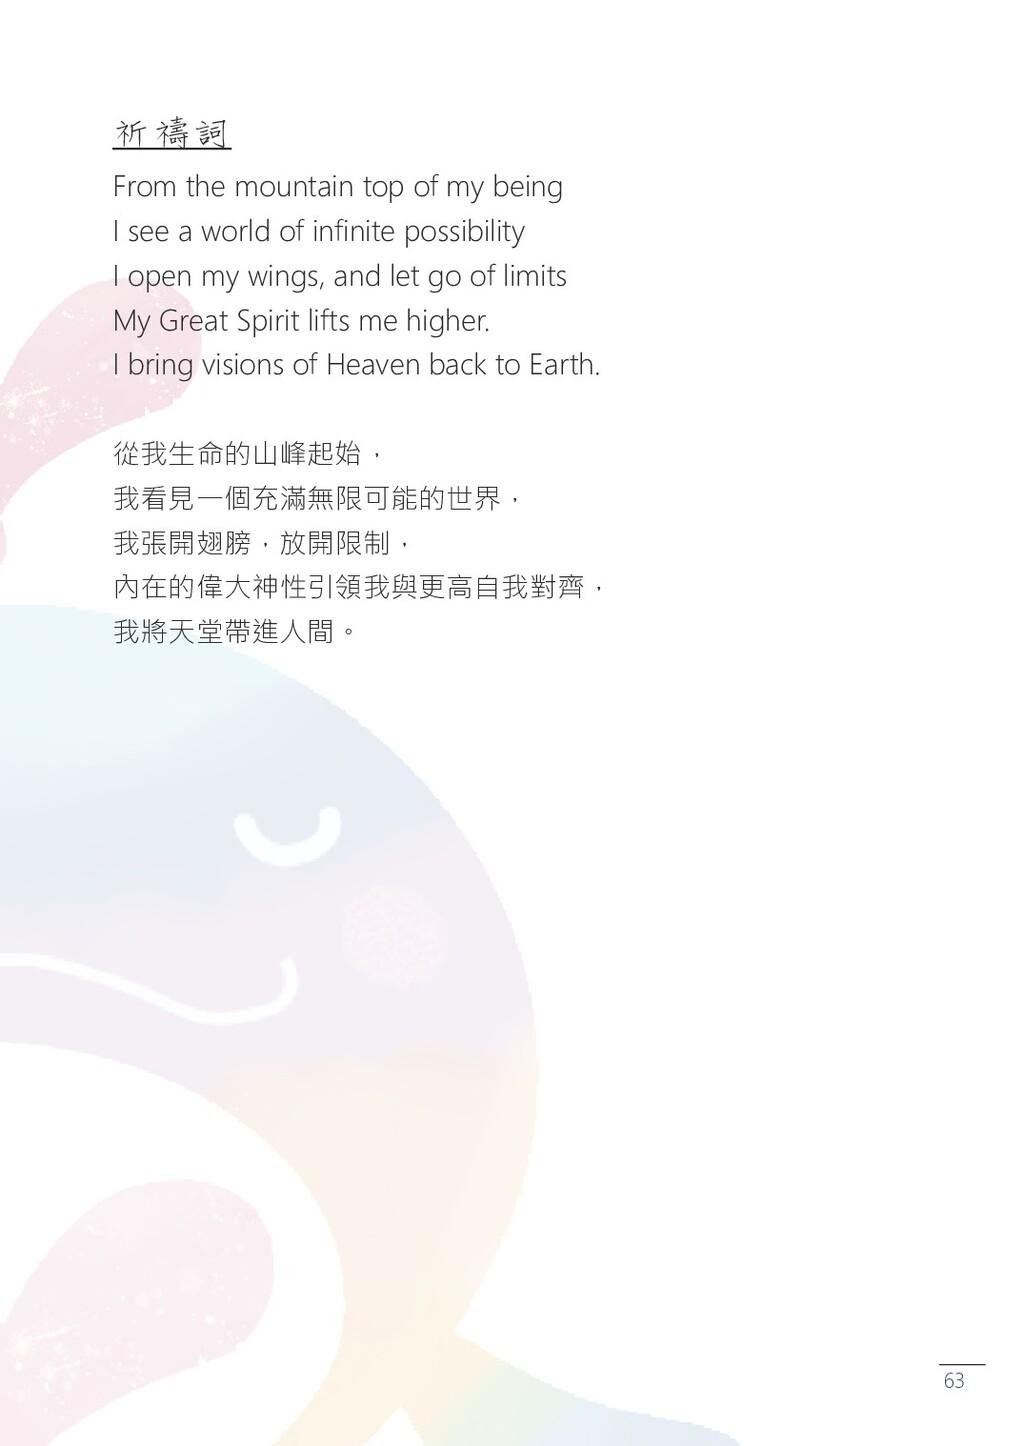 63 祈禱詞 From the mountain top of my being I see ...